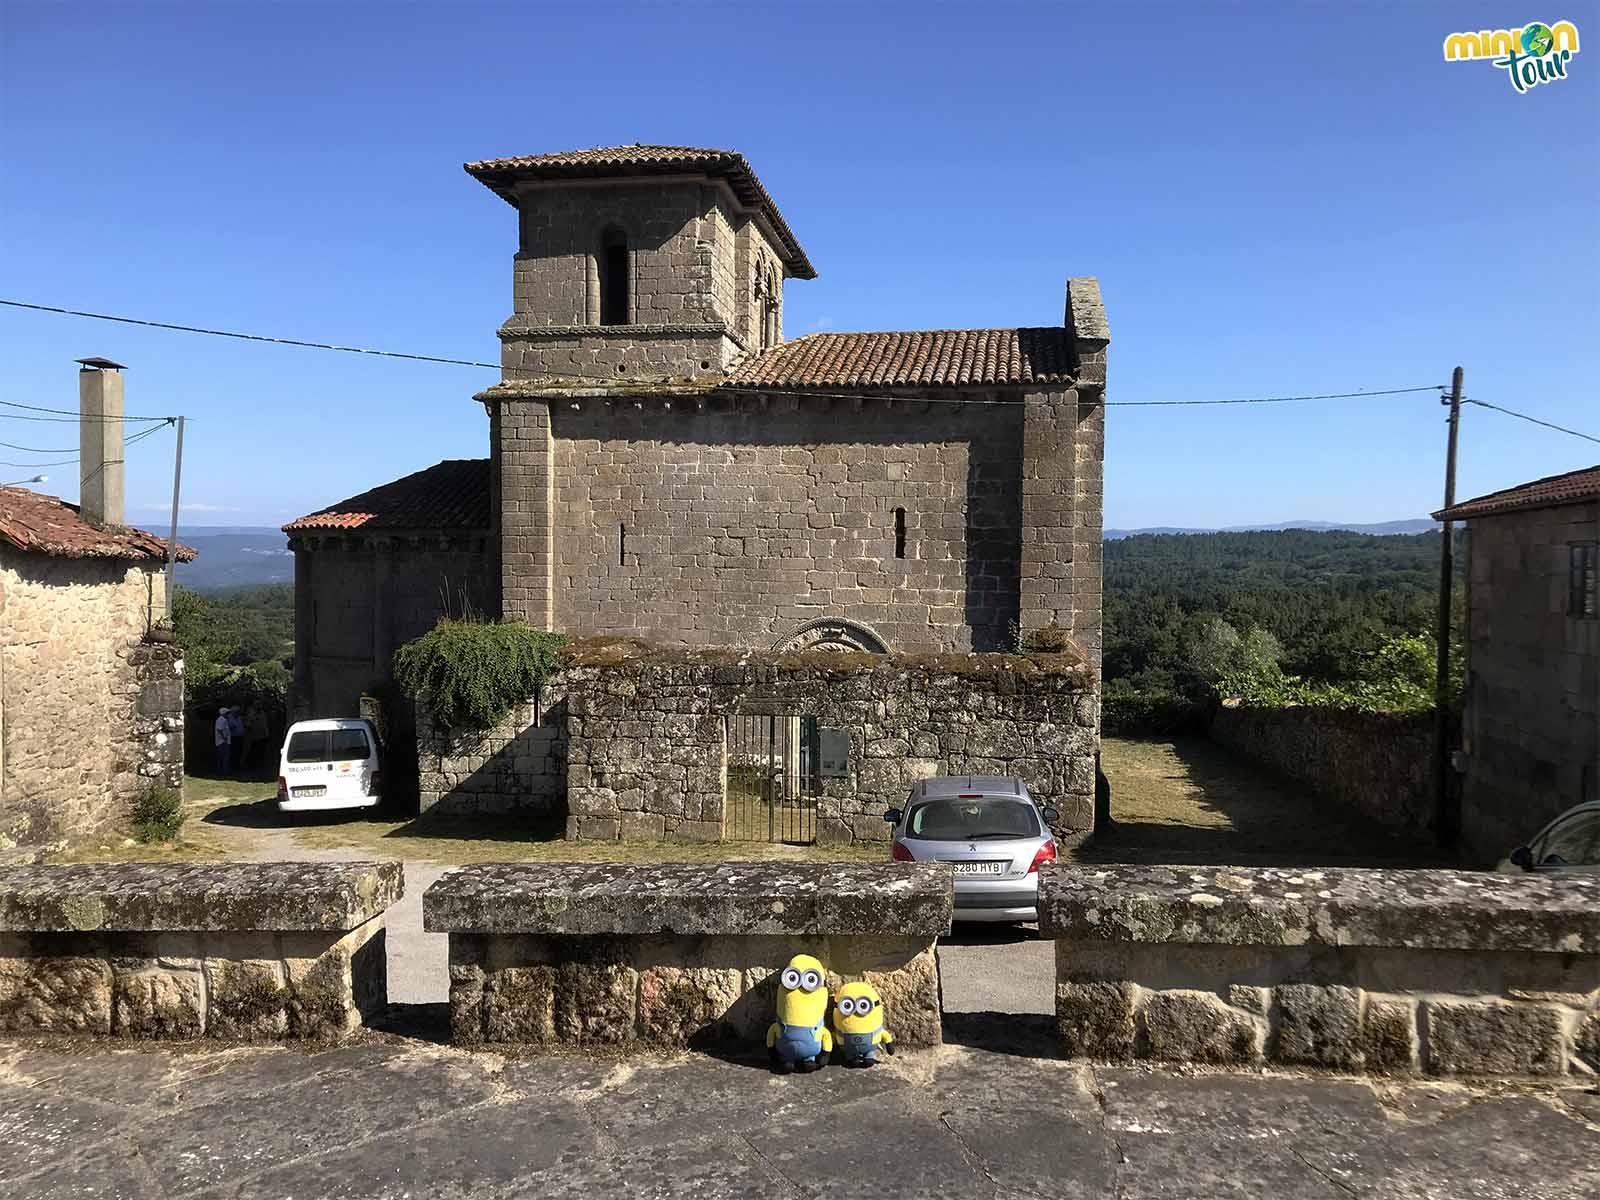 Otra parada en la ruta del románico de la Ribeira Sacra, la Iglesia de San Miguel de Eiré